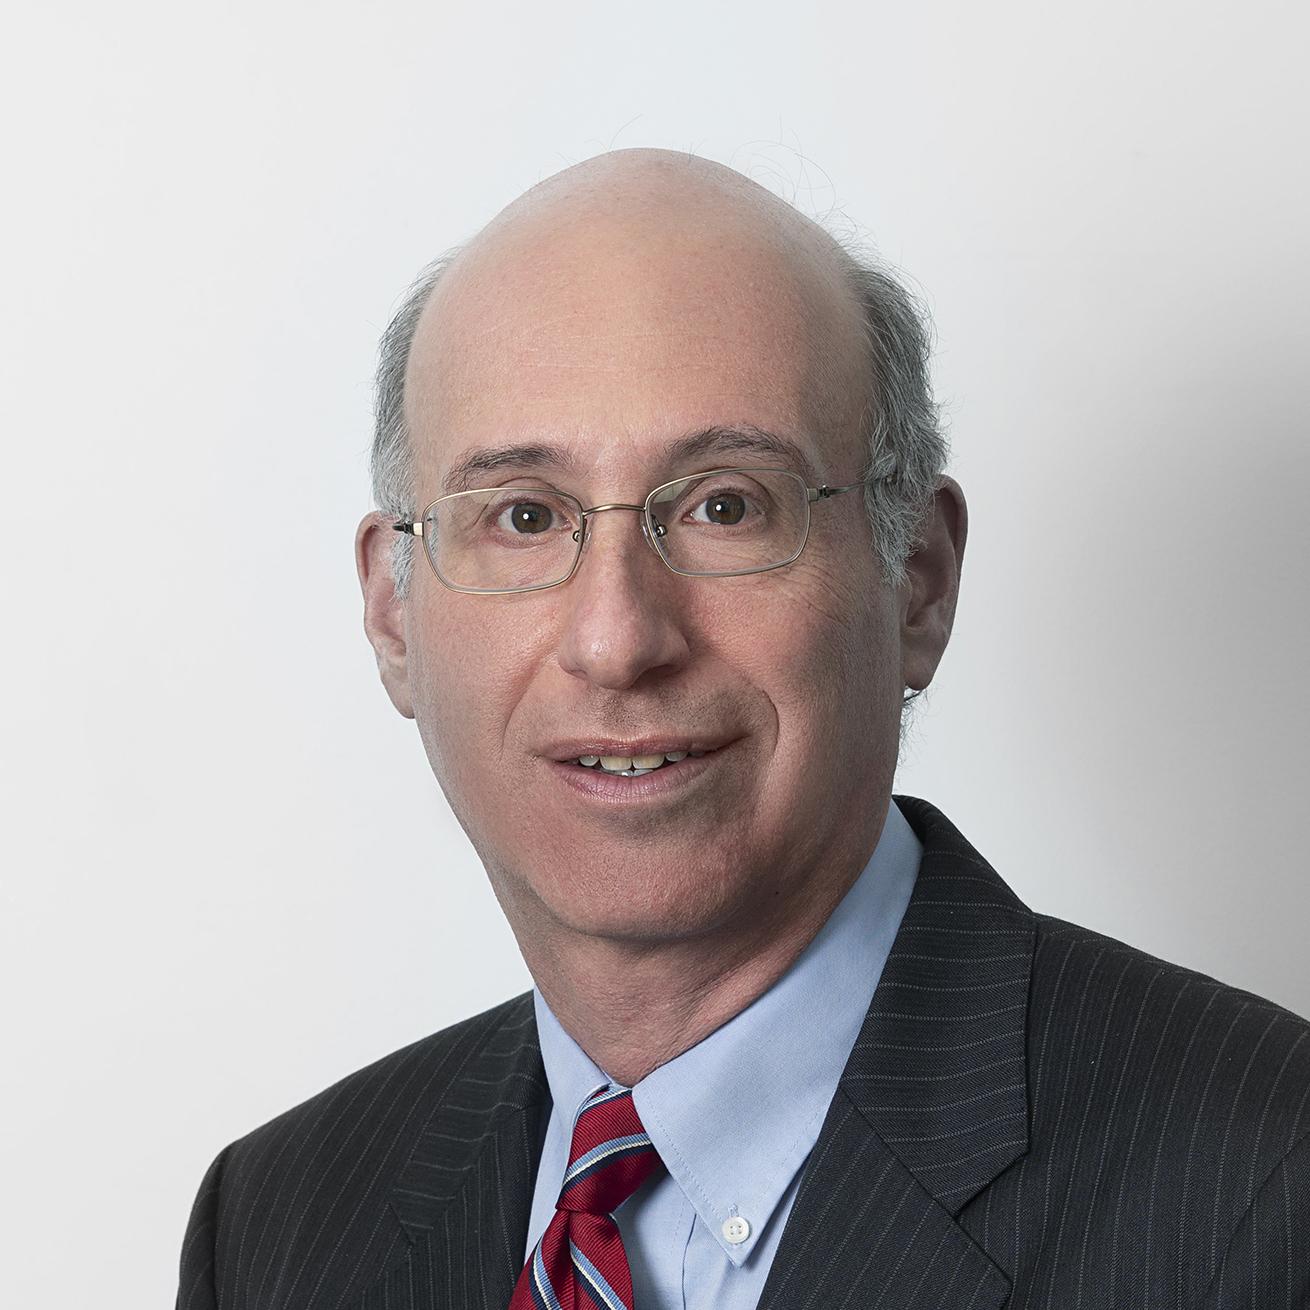 Steven L. Sonkin